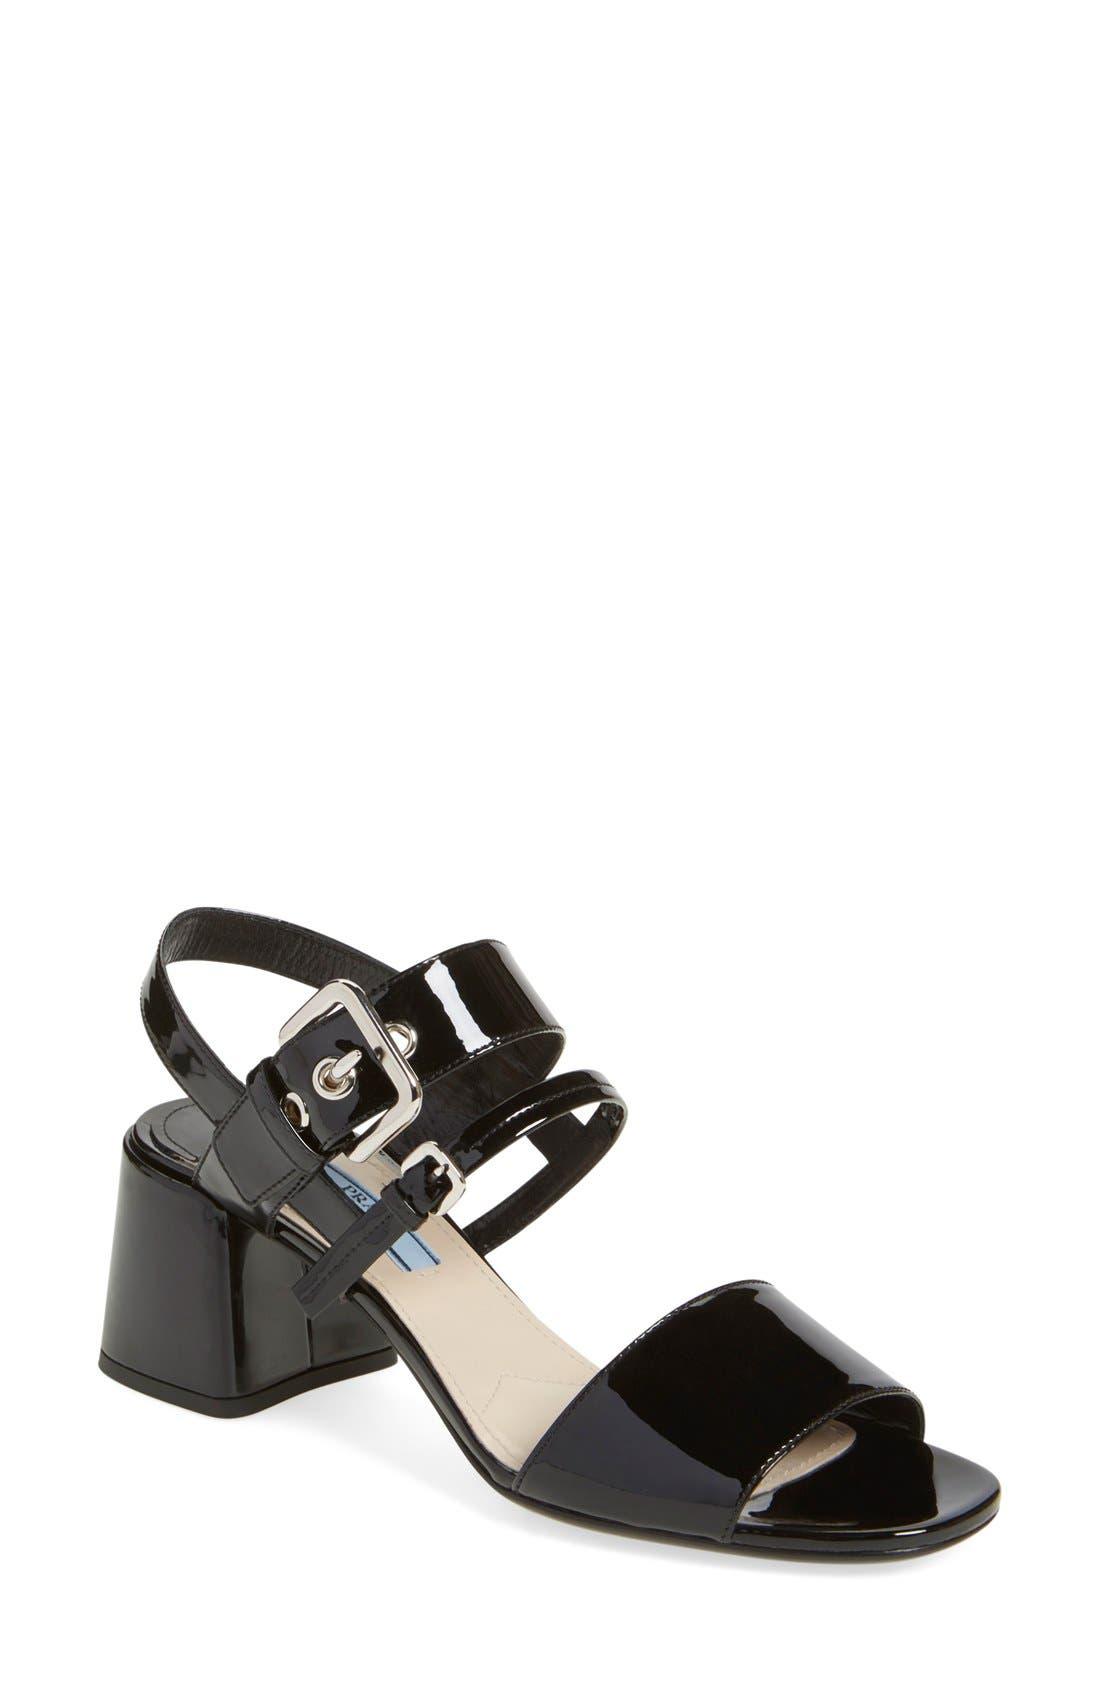 Alternate Image 1 Selected - Prada Block Heel Sandal (Women)